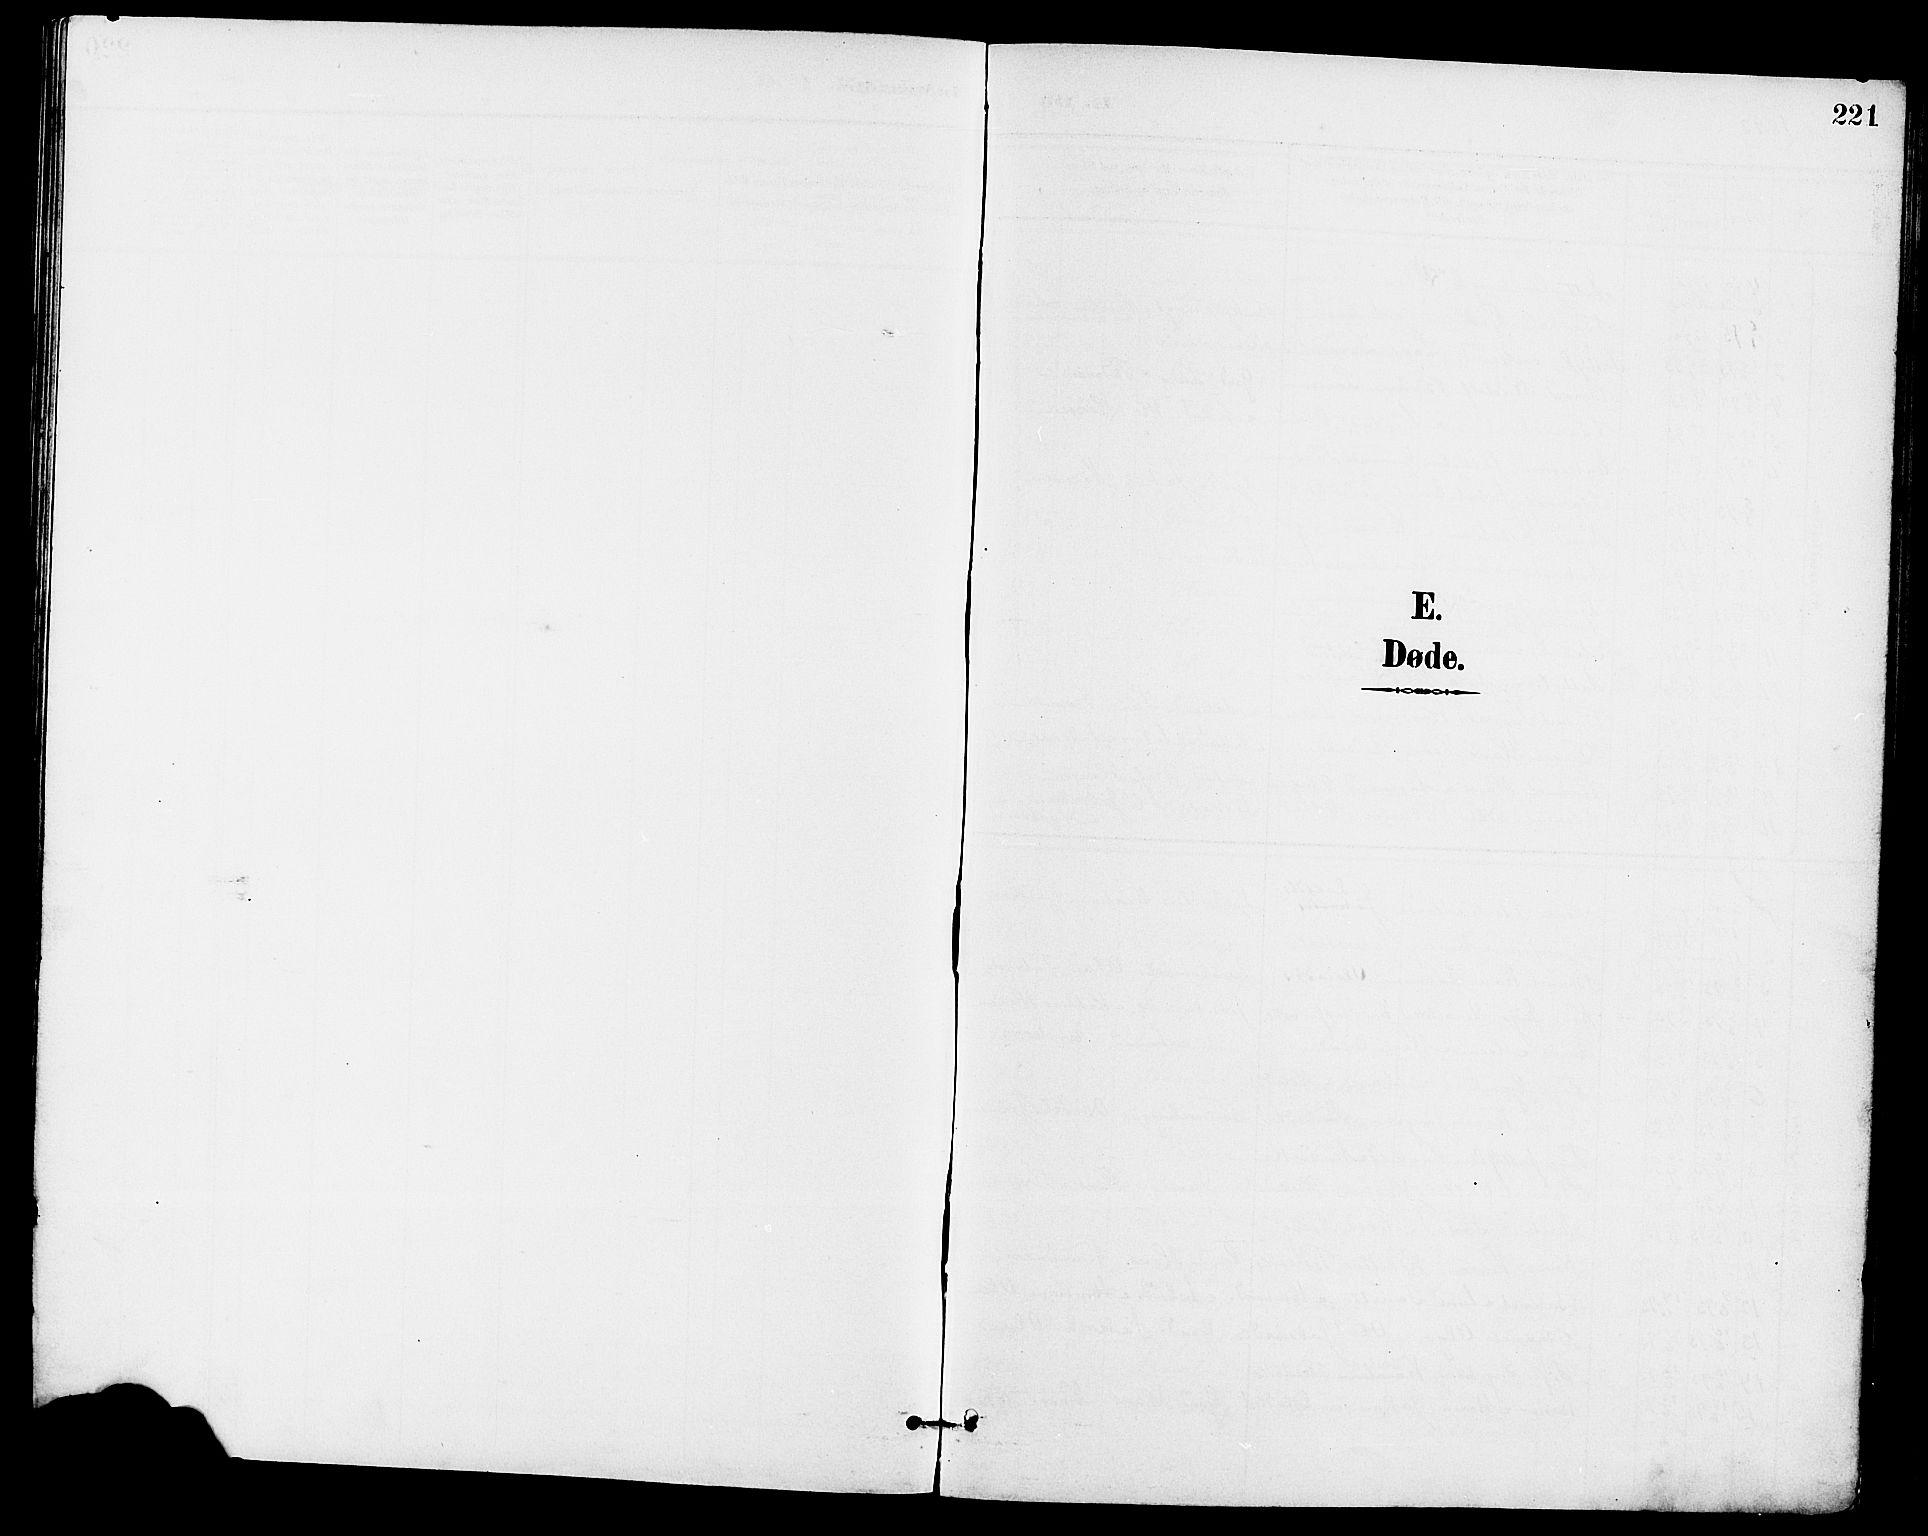 SAKO, Eidanger kirkebøker, G/Ga/L0003: Klokkerbok nr. 3, 1893-1911, s. 221